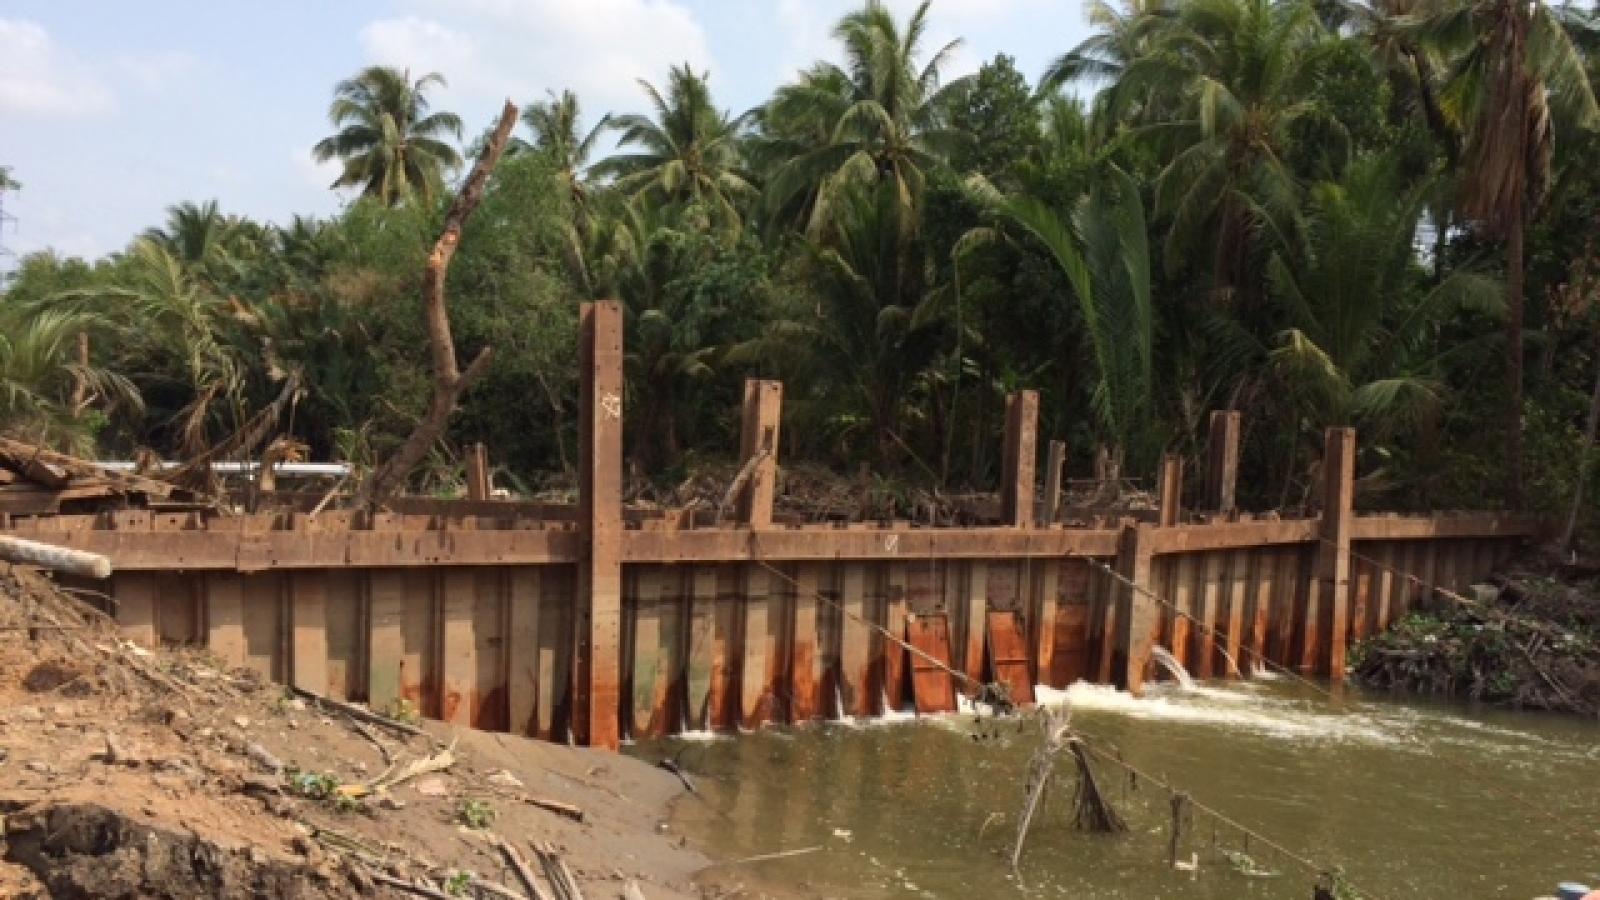 Tiền Giang chủ động đầu tư 194 tỷ đồng đắp đập ngăn mặn, trữ ngọt